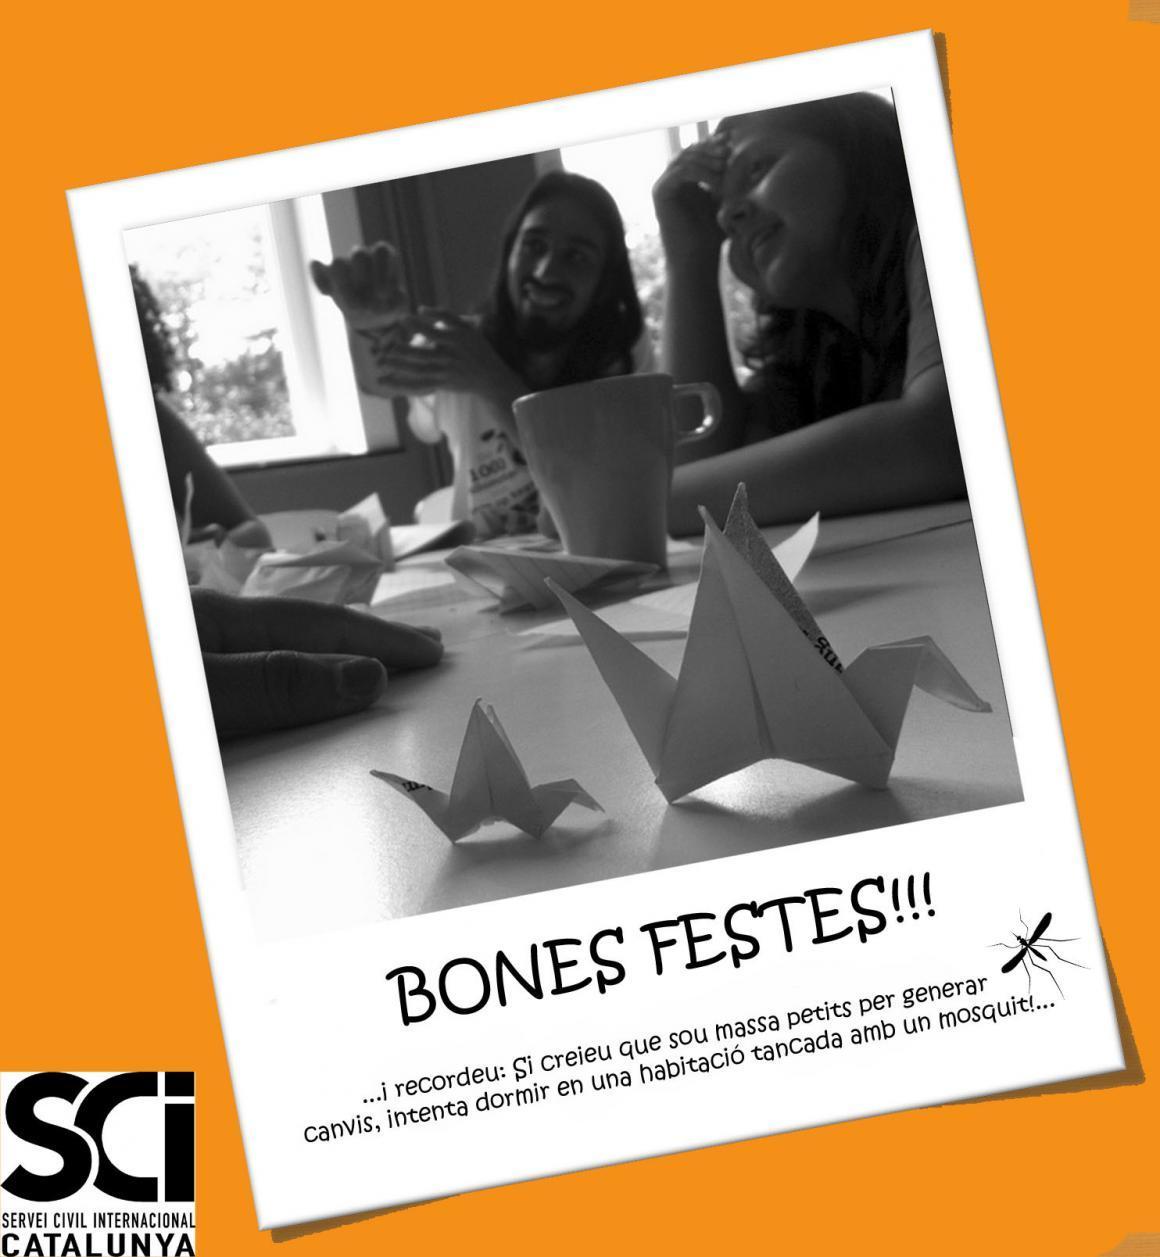 Bones Festes!!!